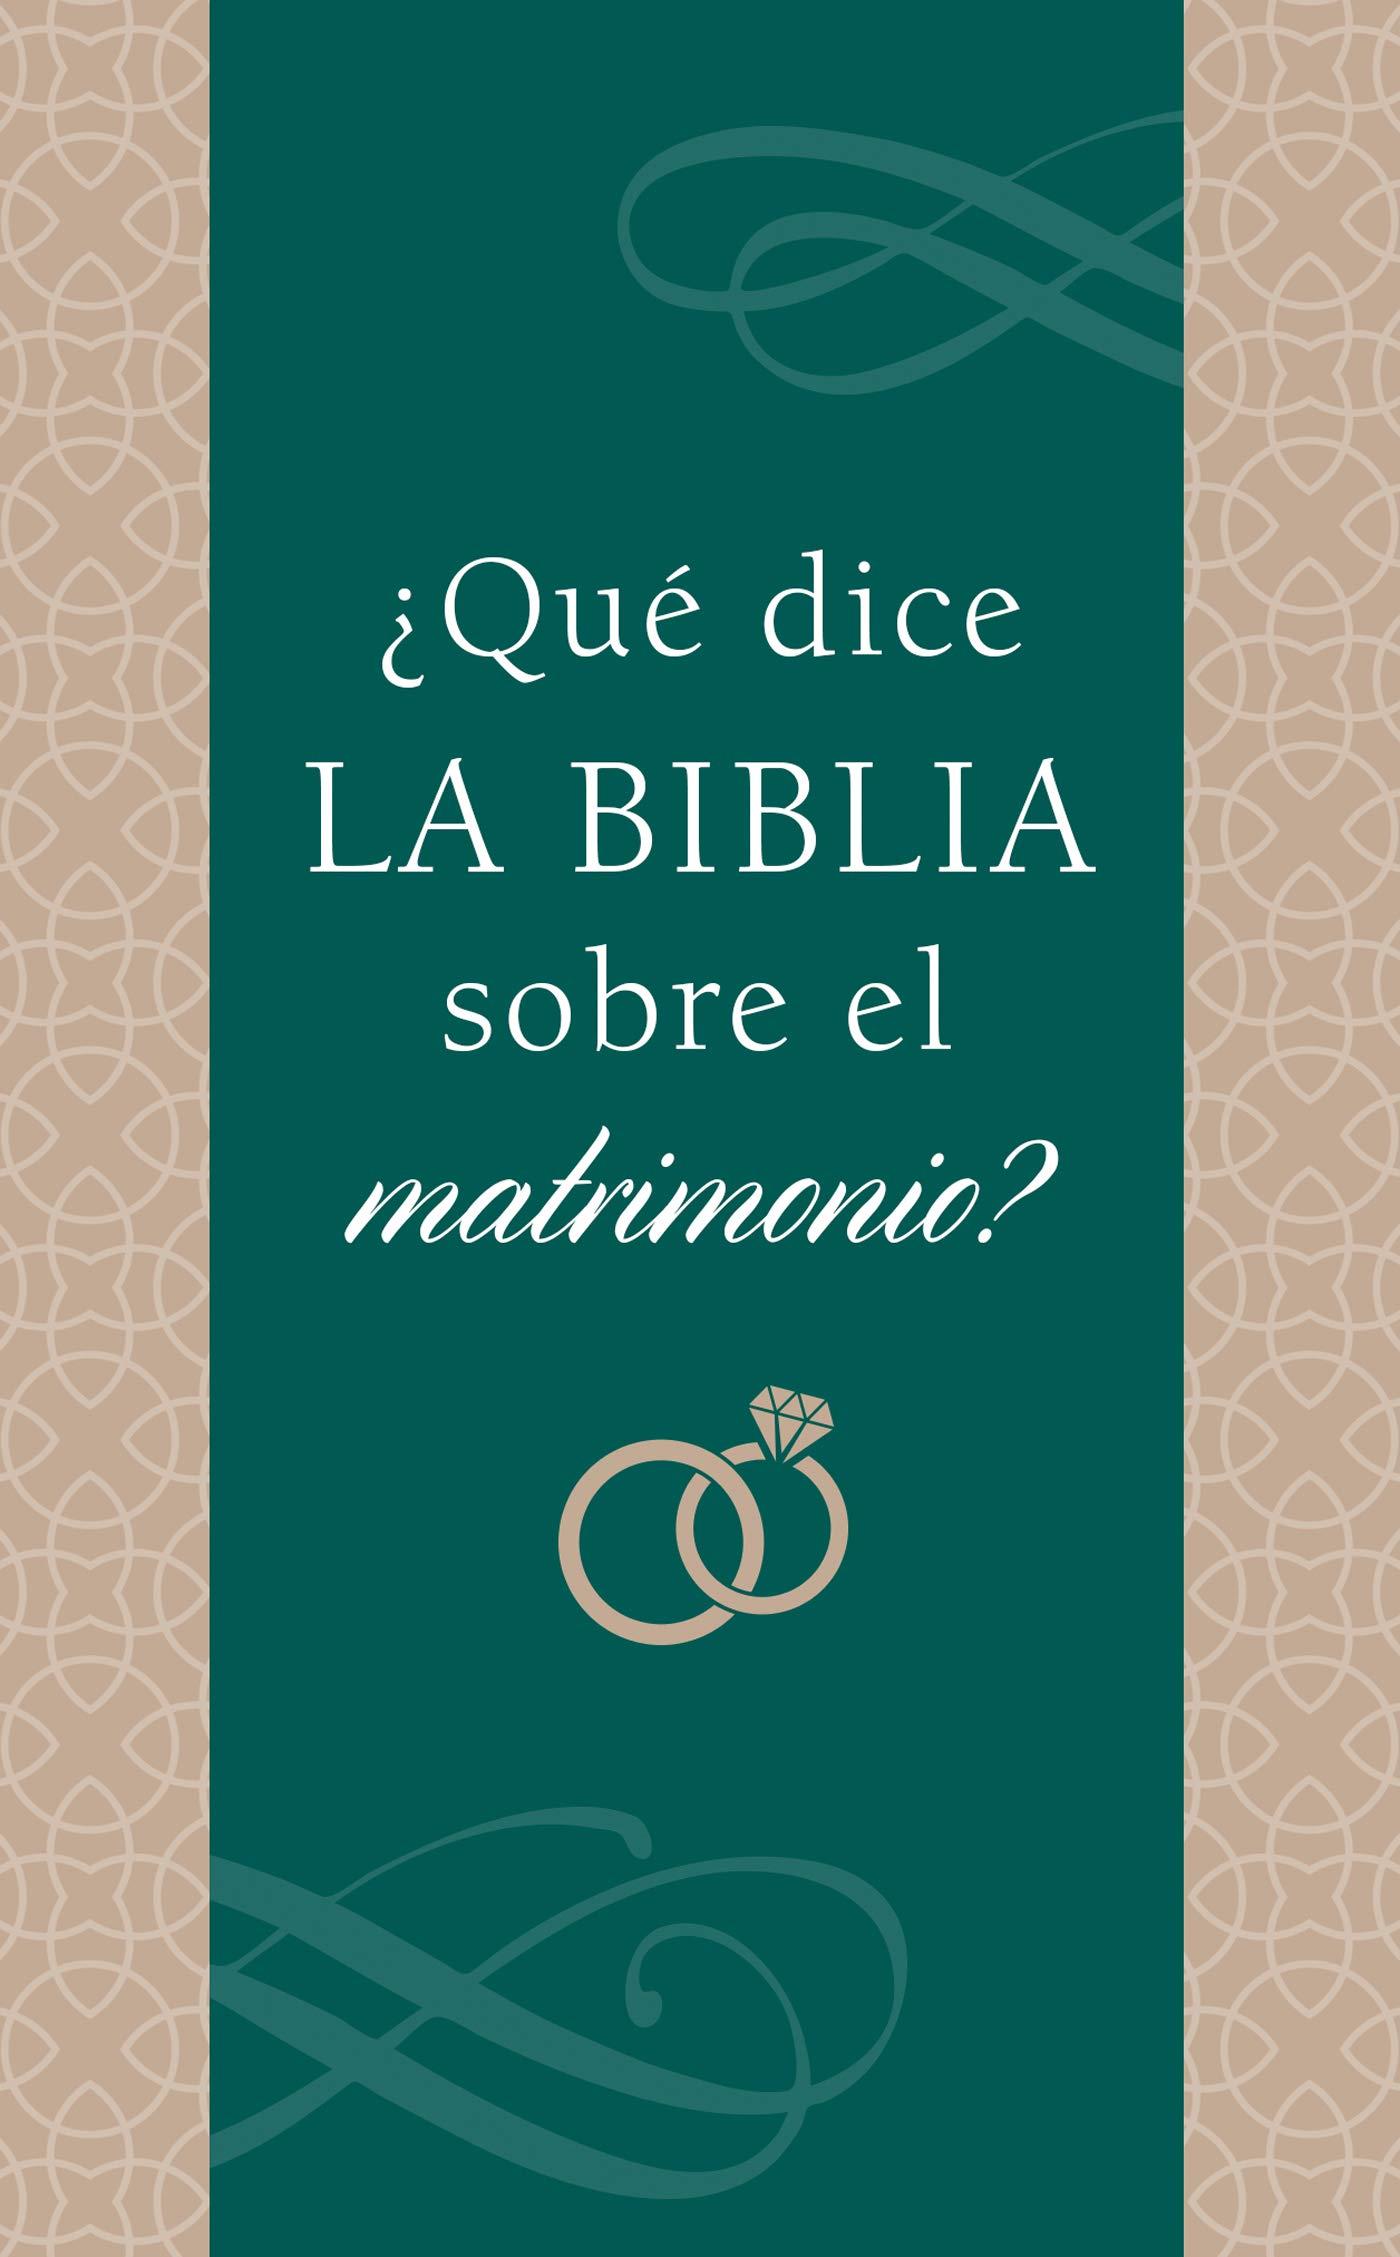 Matrimonio Y Biblia : Versículos de la biblia sobre el matrimonio entre un hombre y una